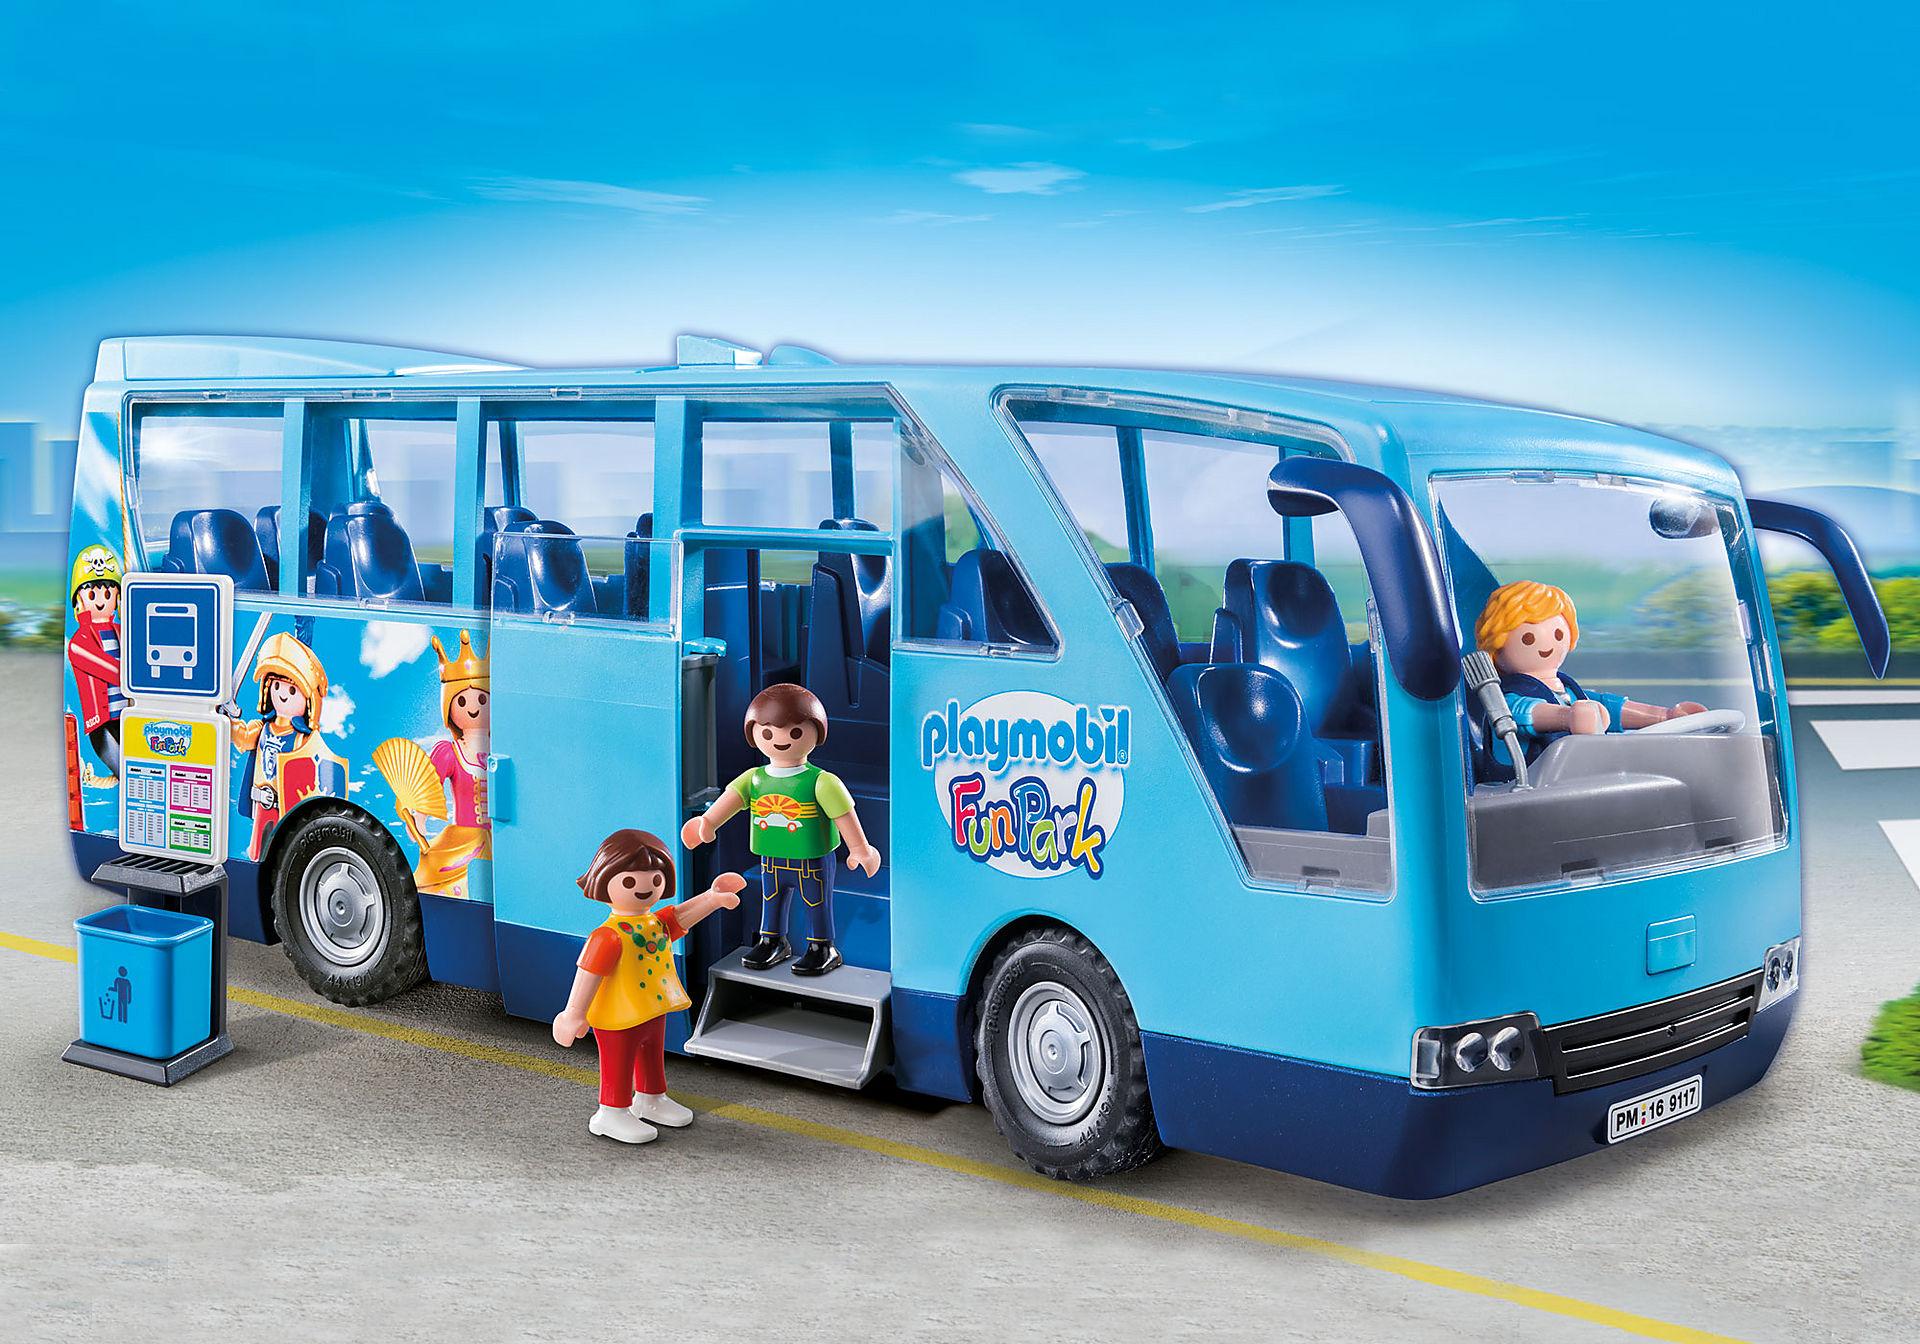 9117 PLAYMOBIL-FunPark Bus zoom image1